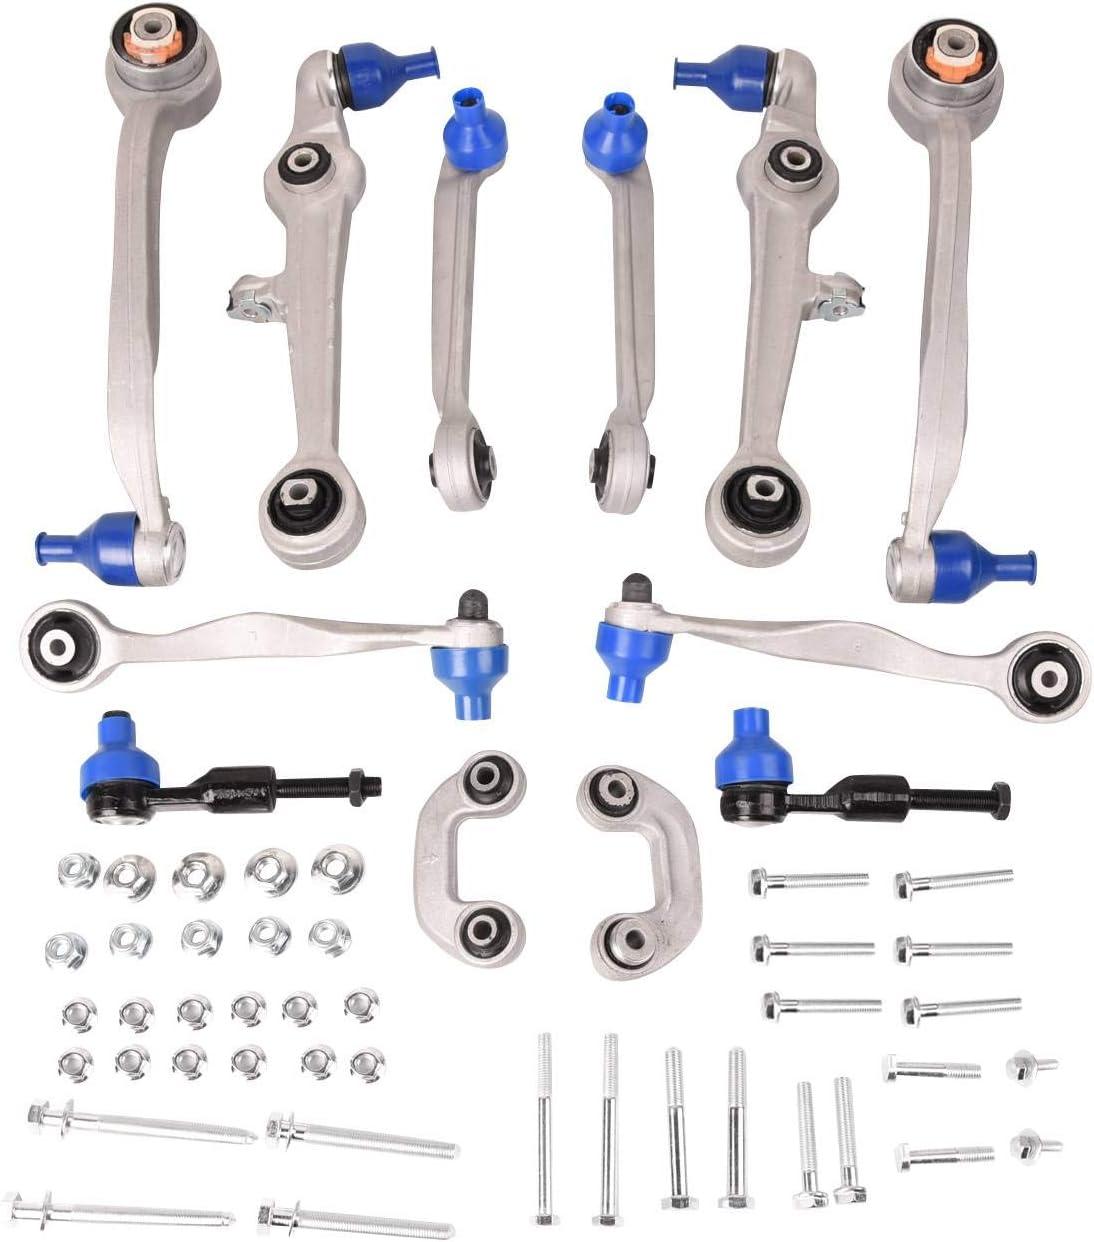 Bapmic 8D0498998S1 Front Suspension Control Arm Kit Compatible with 1996-2001 Audi A4 1998-2002 Audi A6 2000-2002 Audi S4 1998-2003 Volkswagen Passat Set of 12